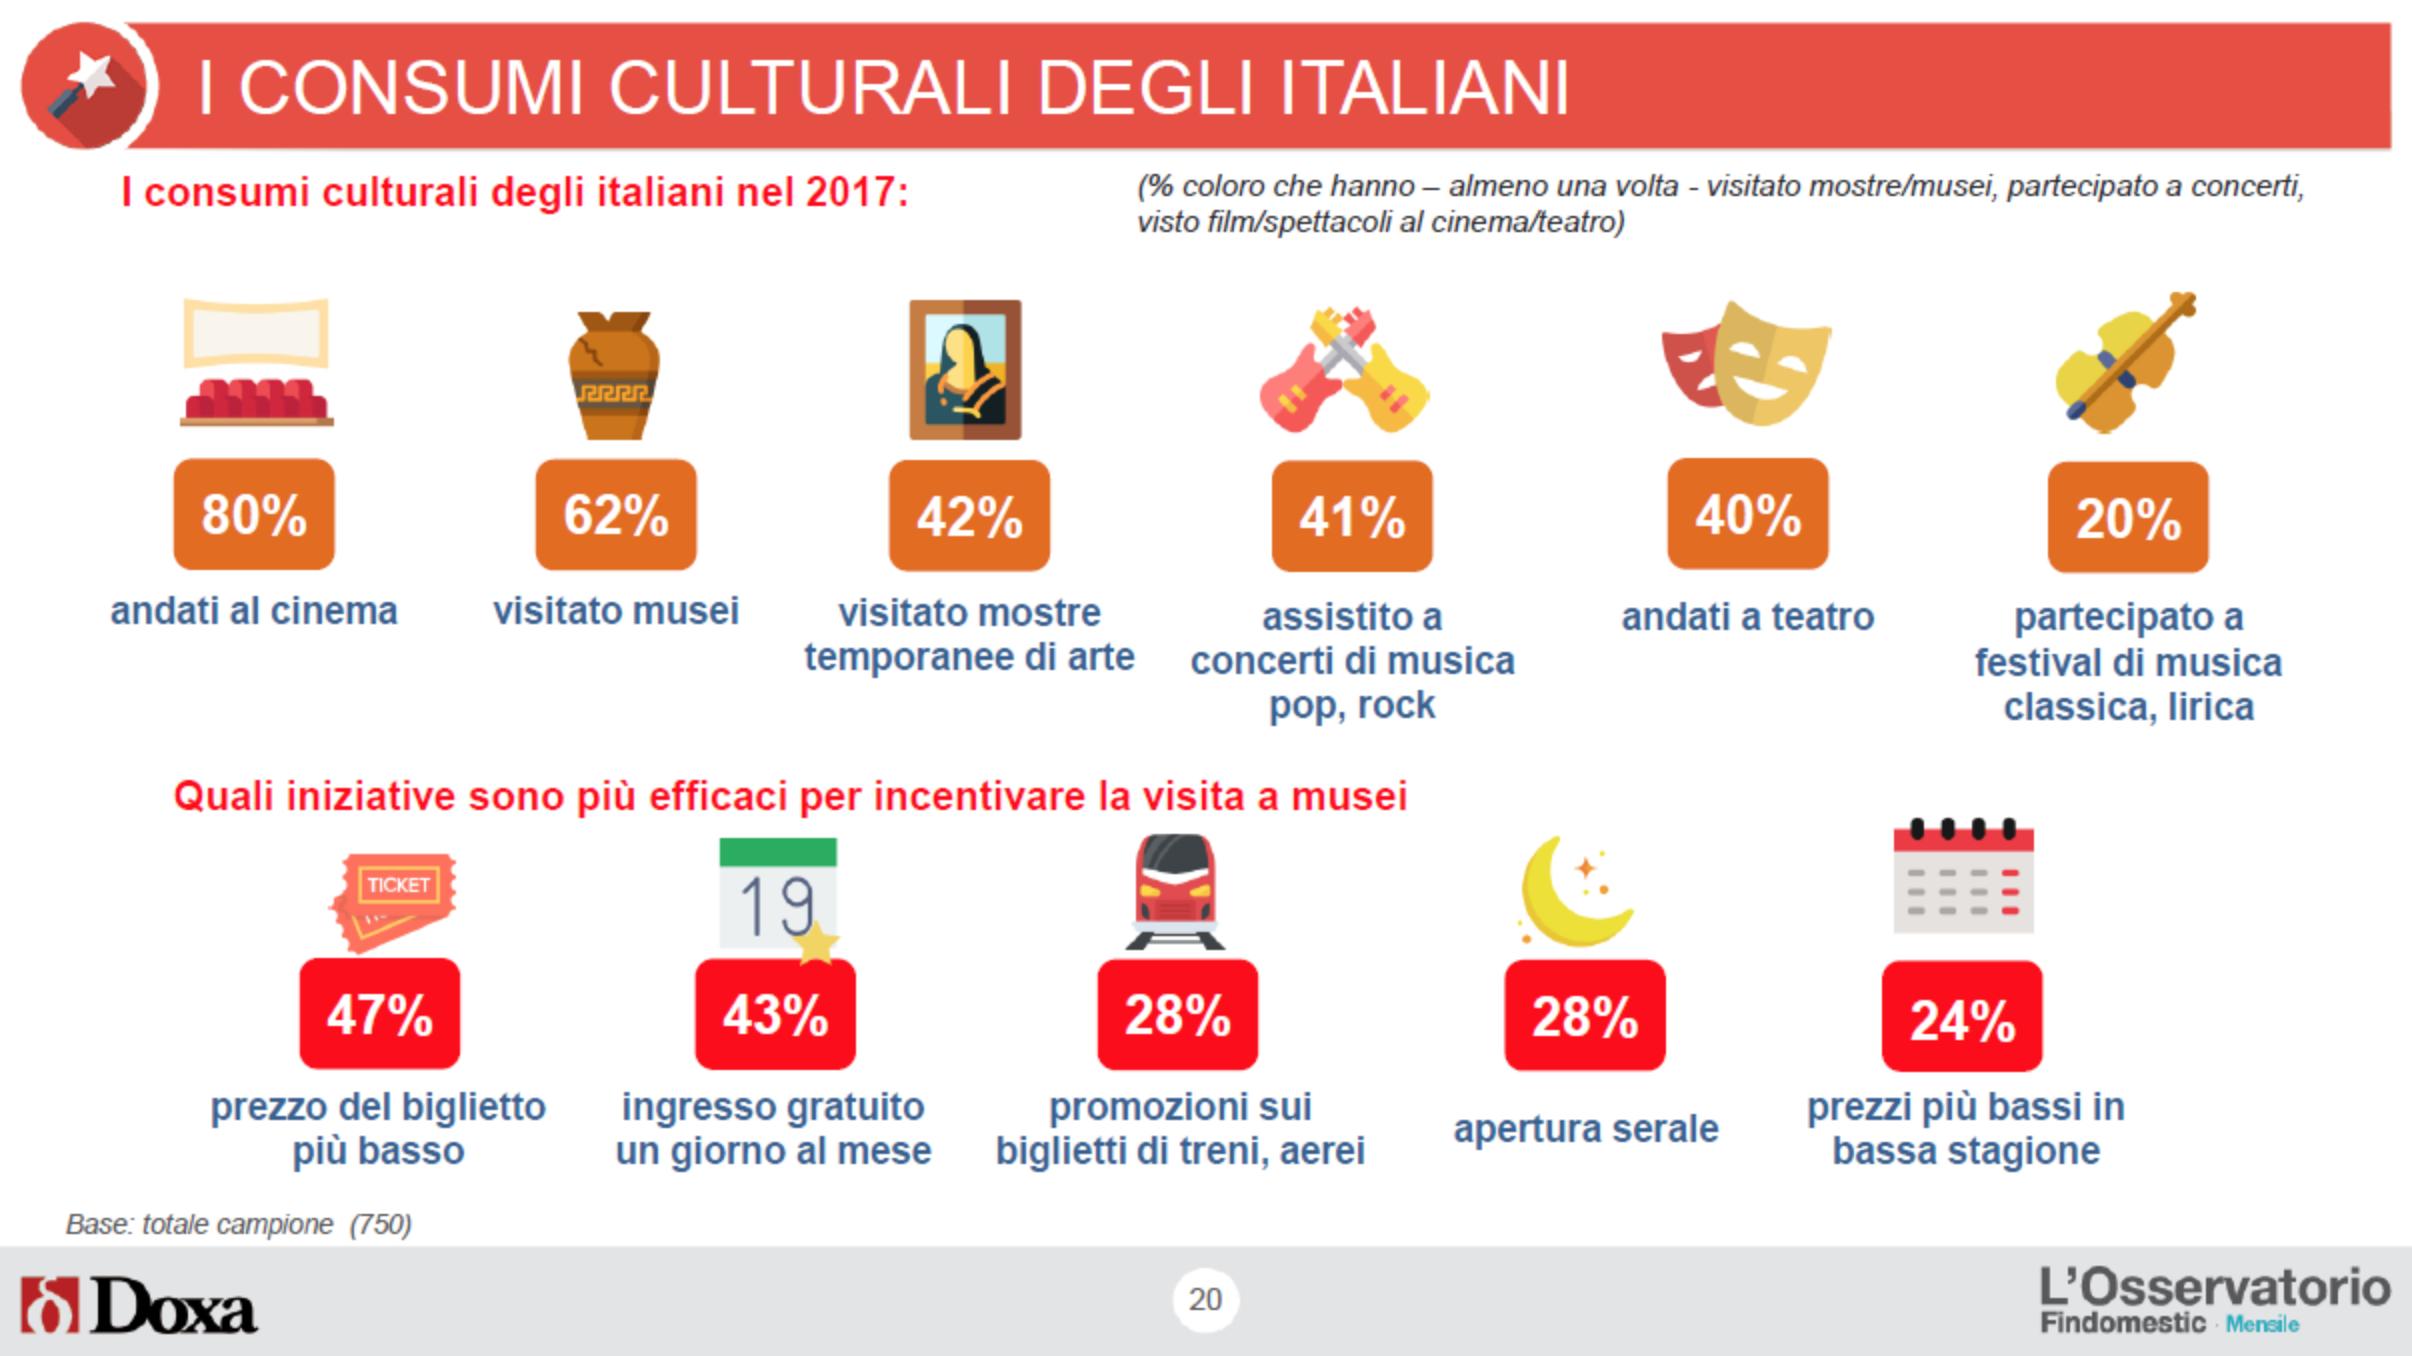 Consumi Culturali degli Italiani nel 2017 - Osservatorio Findomestic